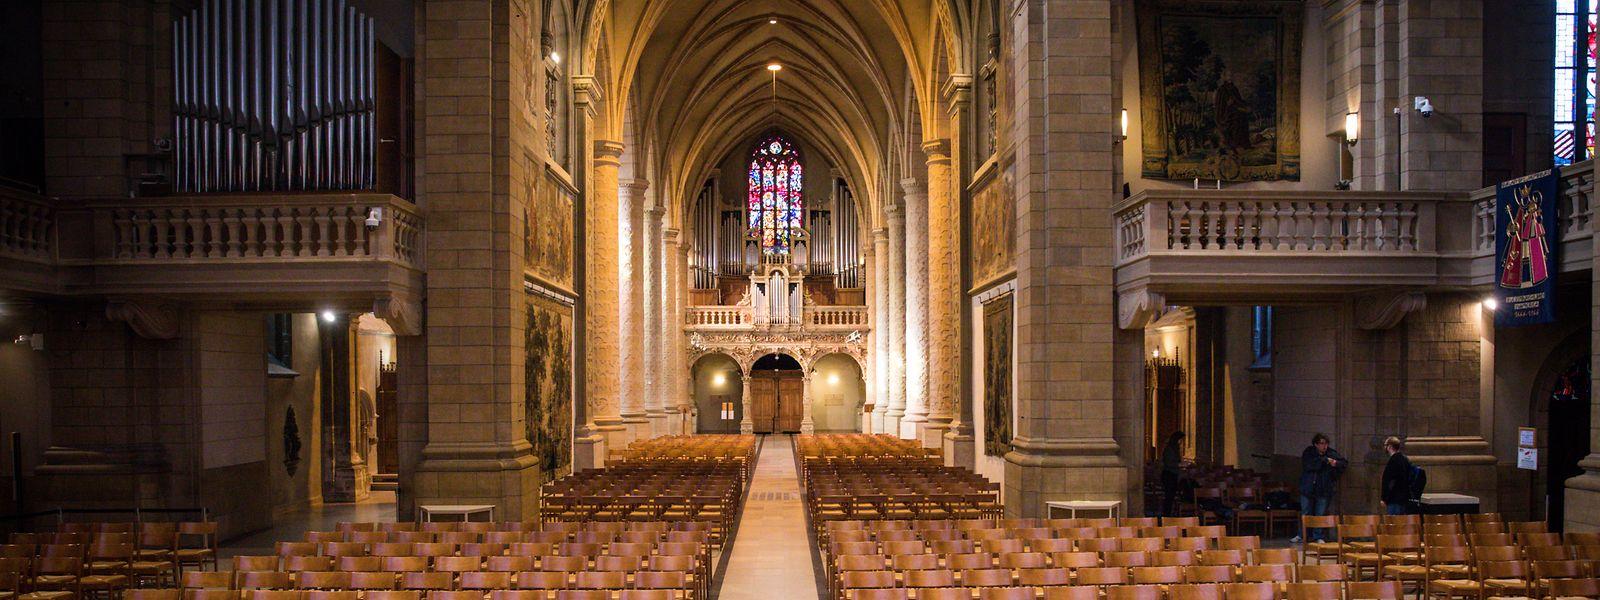 Vorerst bleiben die Kirchen in Luxemburg für öffentliche Gottesdienste gesperrt.